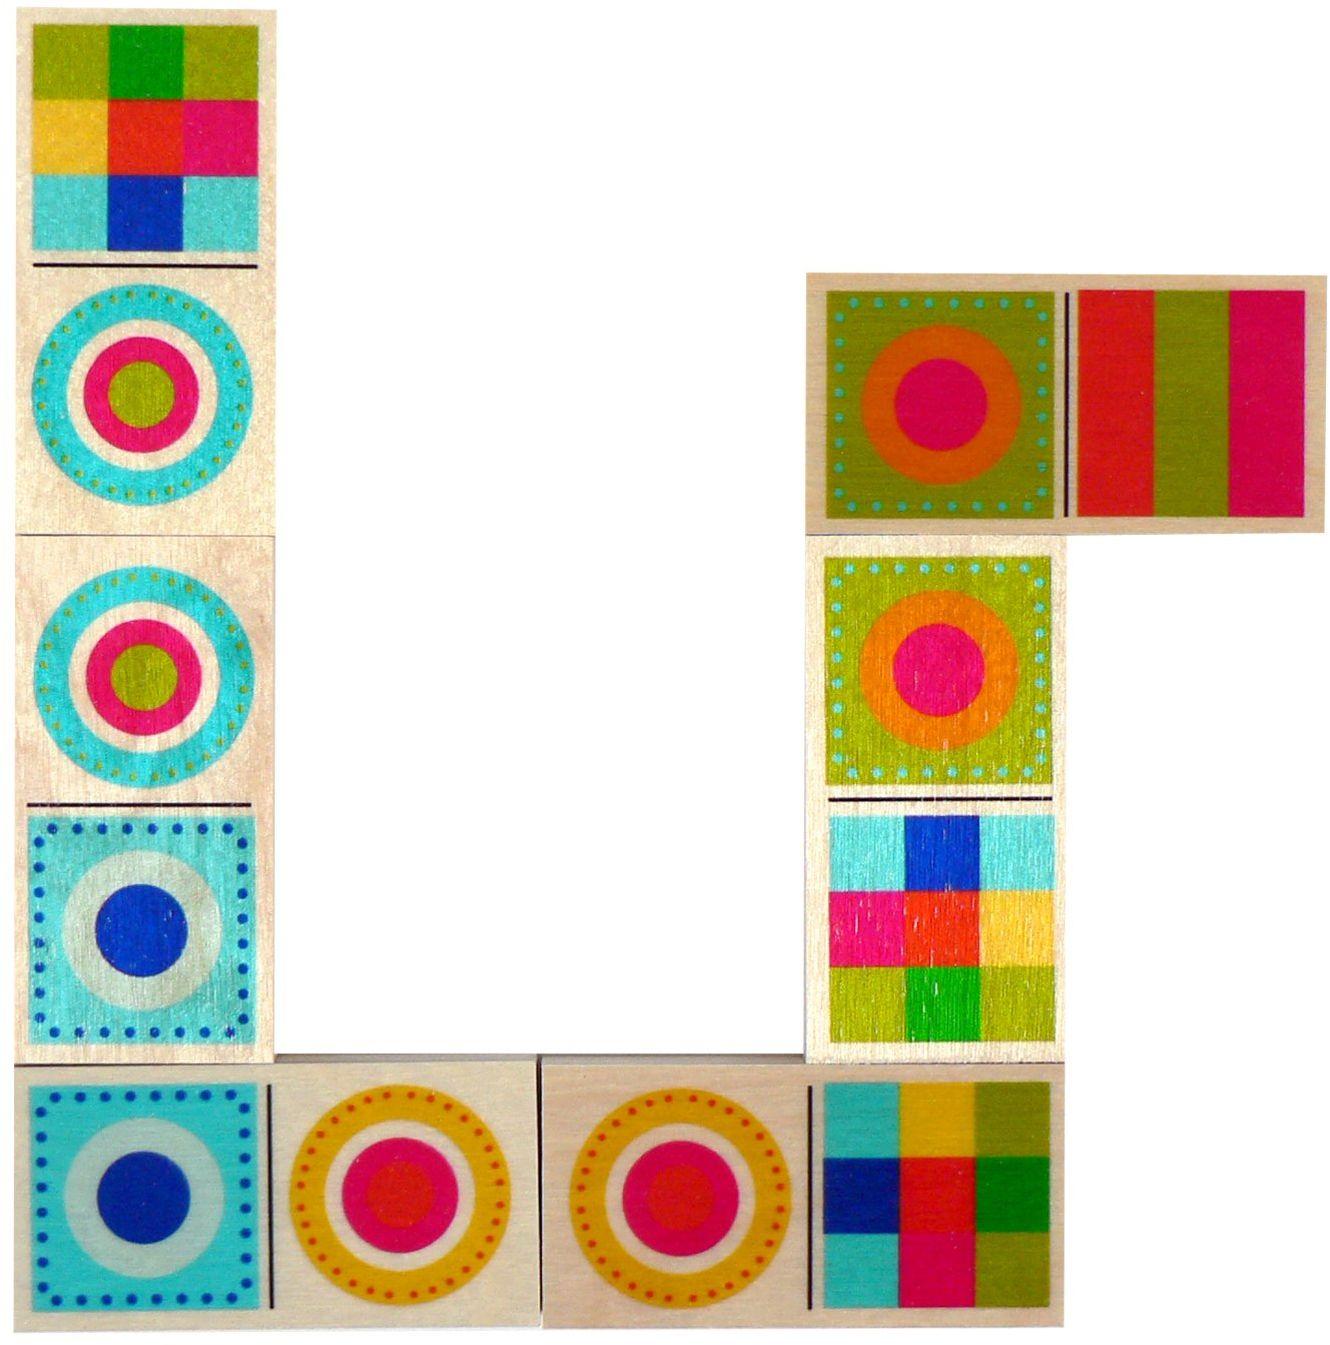 Hess drewniana zabawka 14922 - Domino z drewna, kolorowe kształty, 28 części